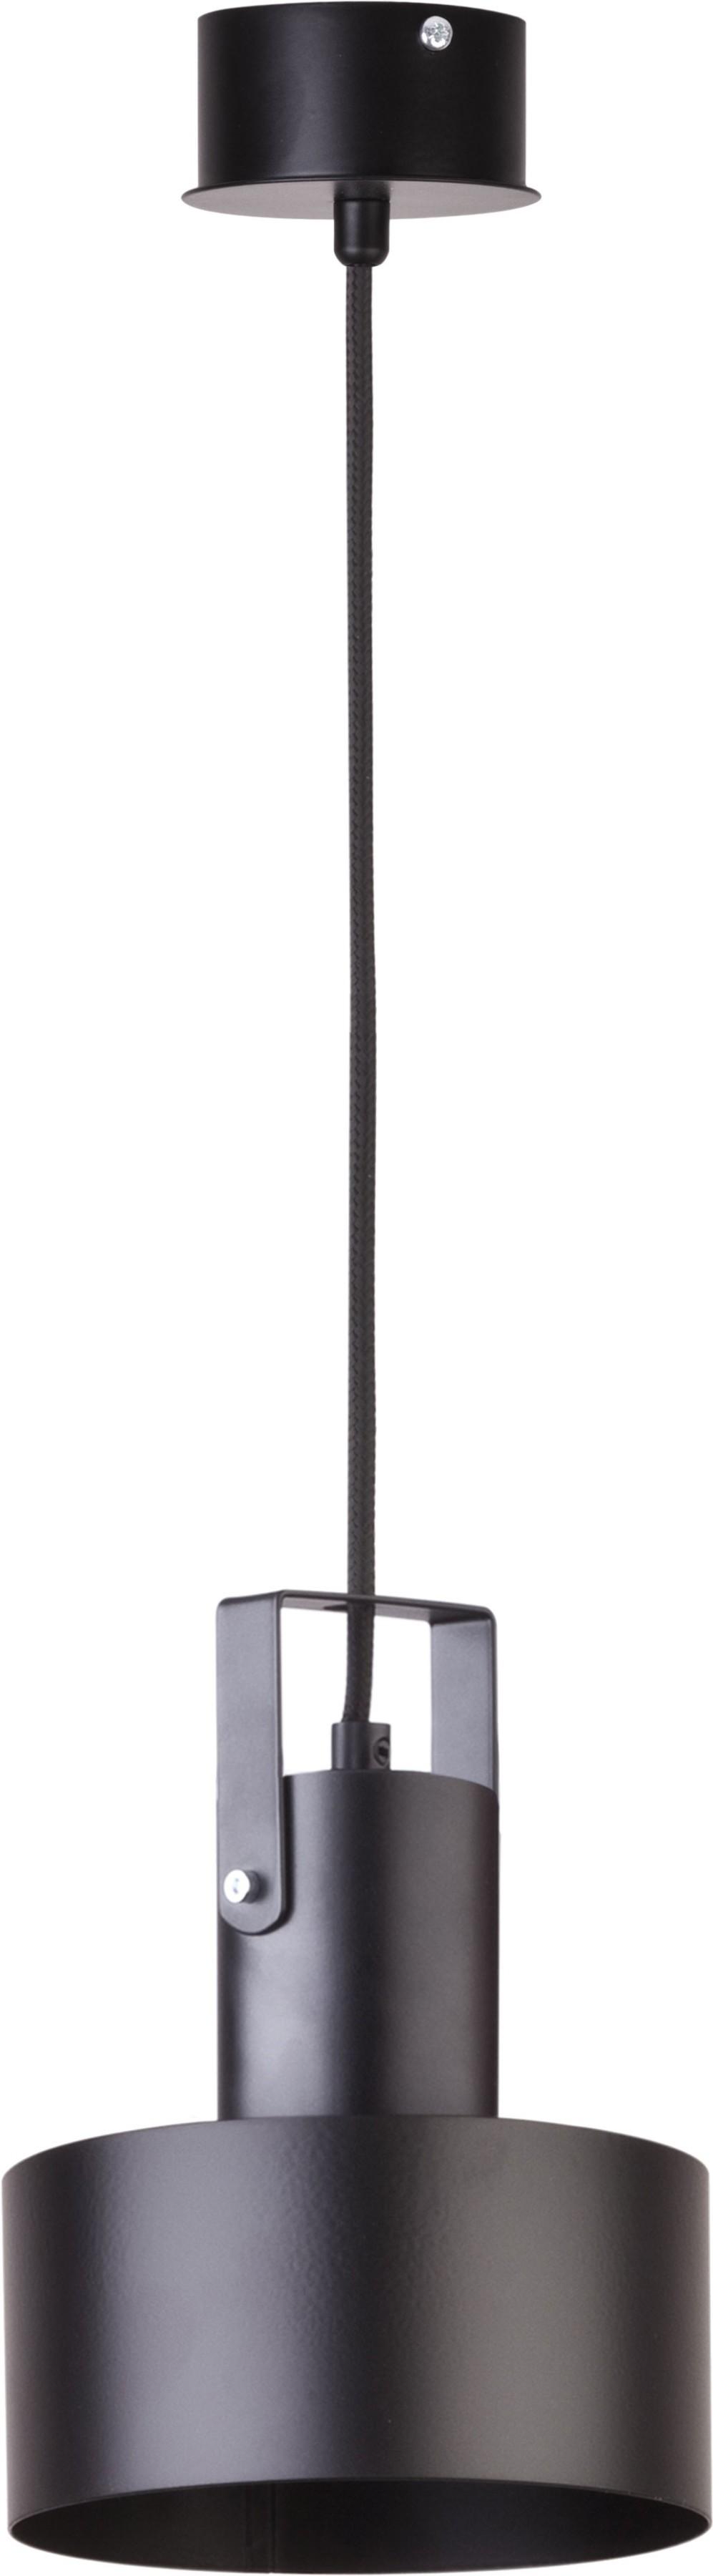 Lampa wisząca Rif plus 1 S czarna 31192 - Sigma Do -17% rabatu w koszyku i darmowa dostawa od 299zł !